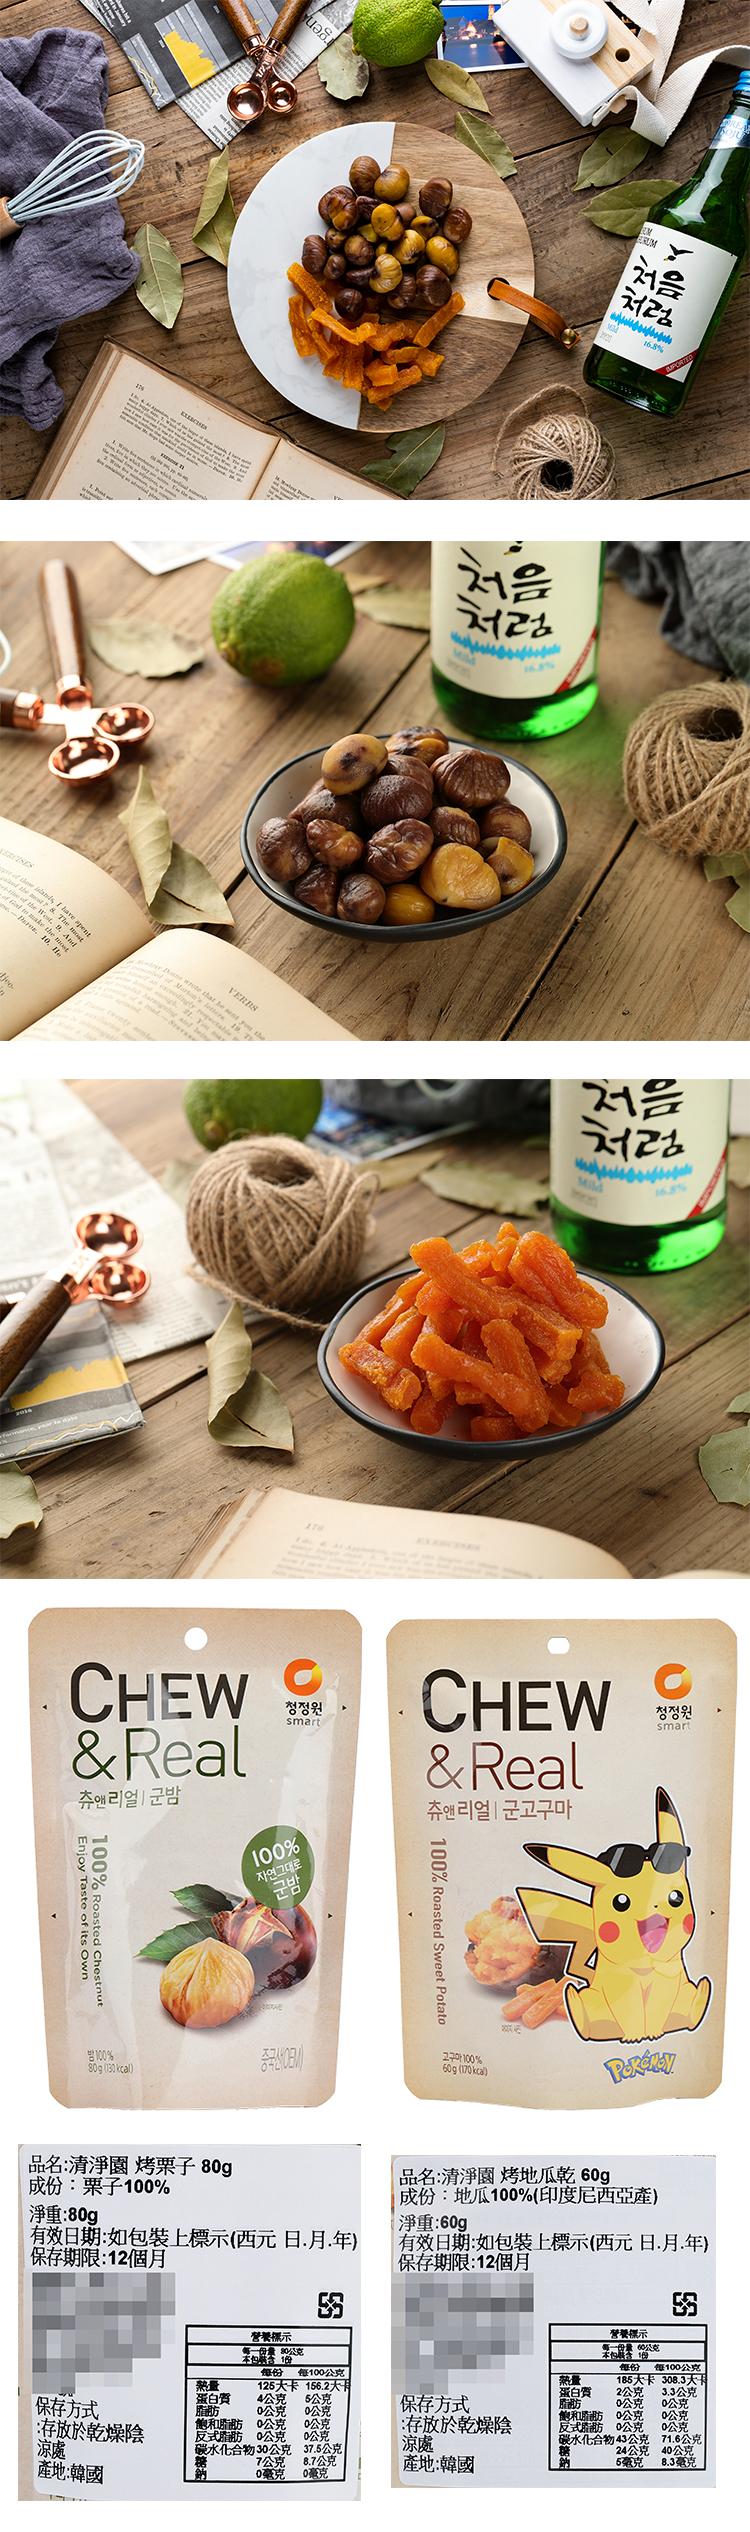 韓國清靜園烤栗子烤地瓜EC